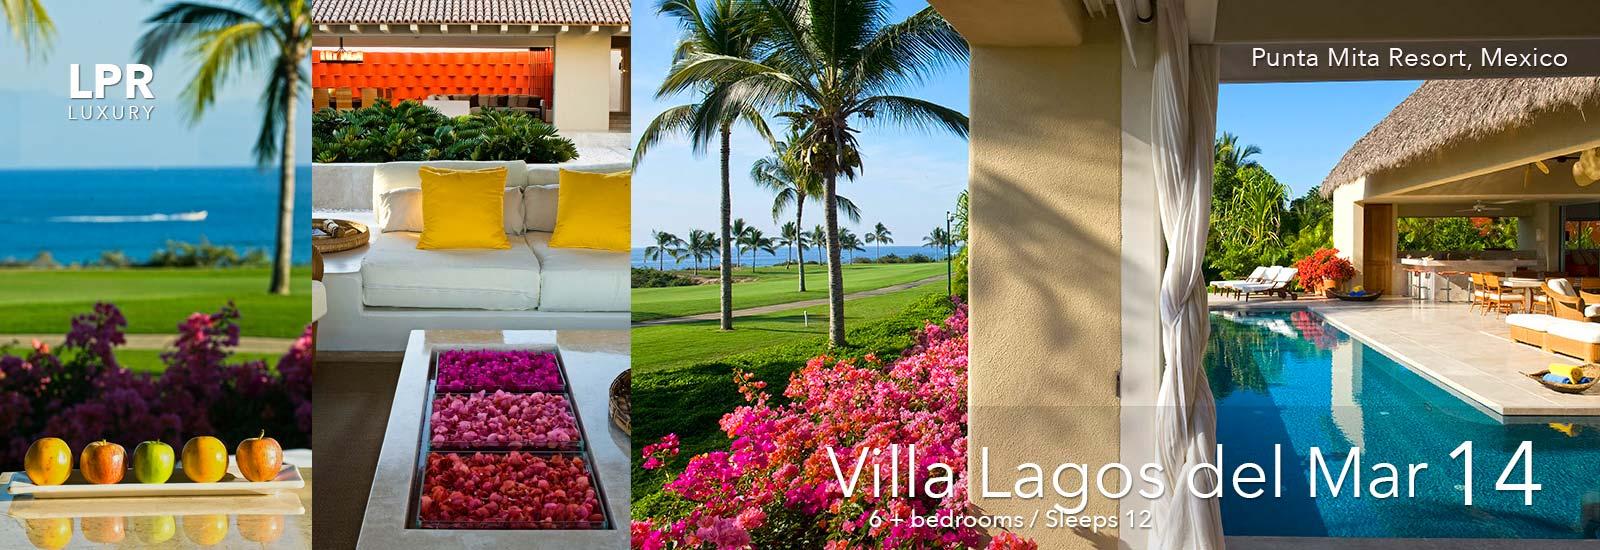 Villa Lagos del Mar 14 - Punta Mita Resort, Mexico - Luxury Vacation Rentals